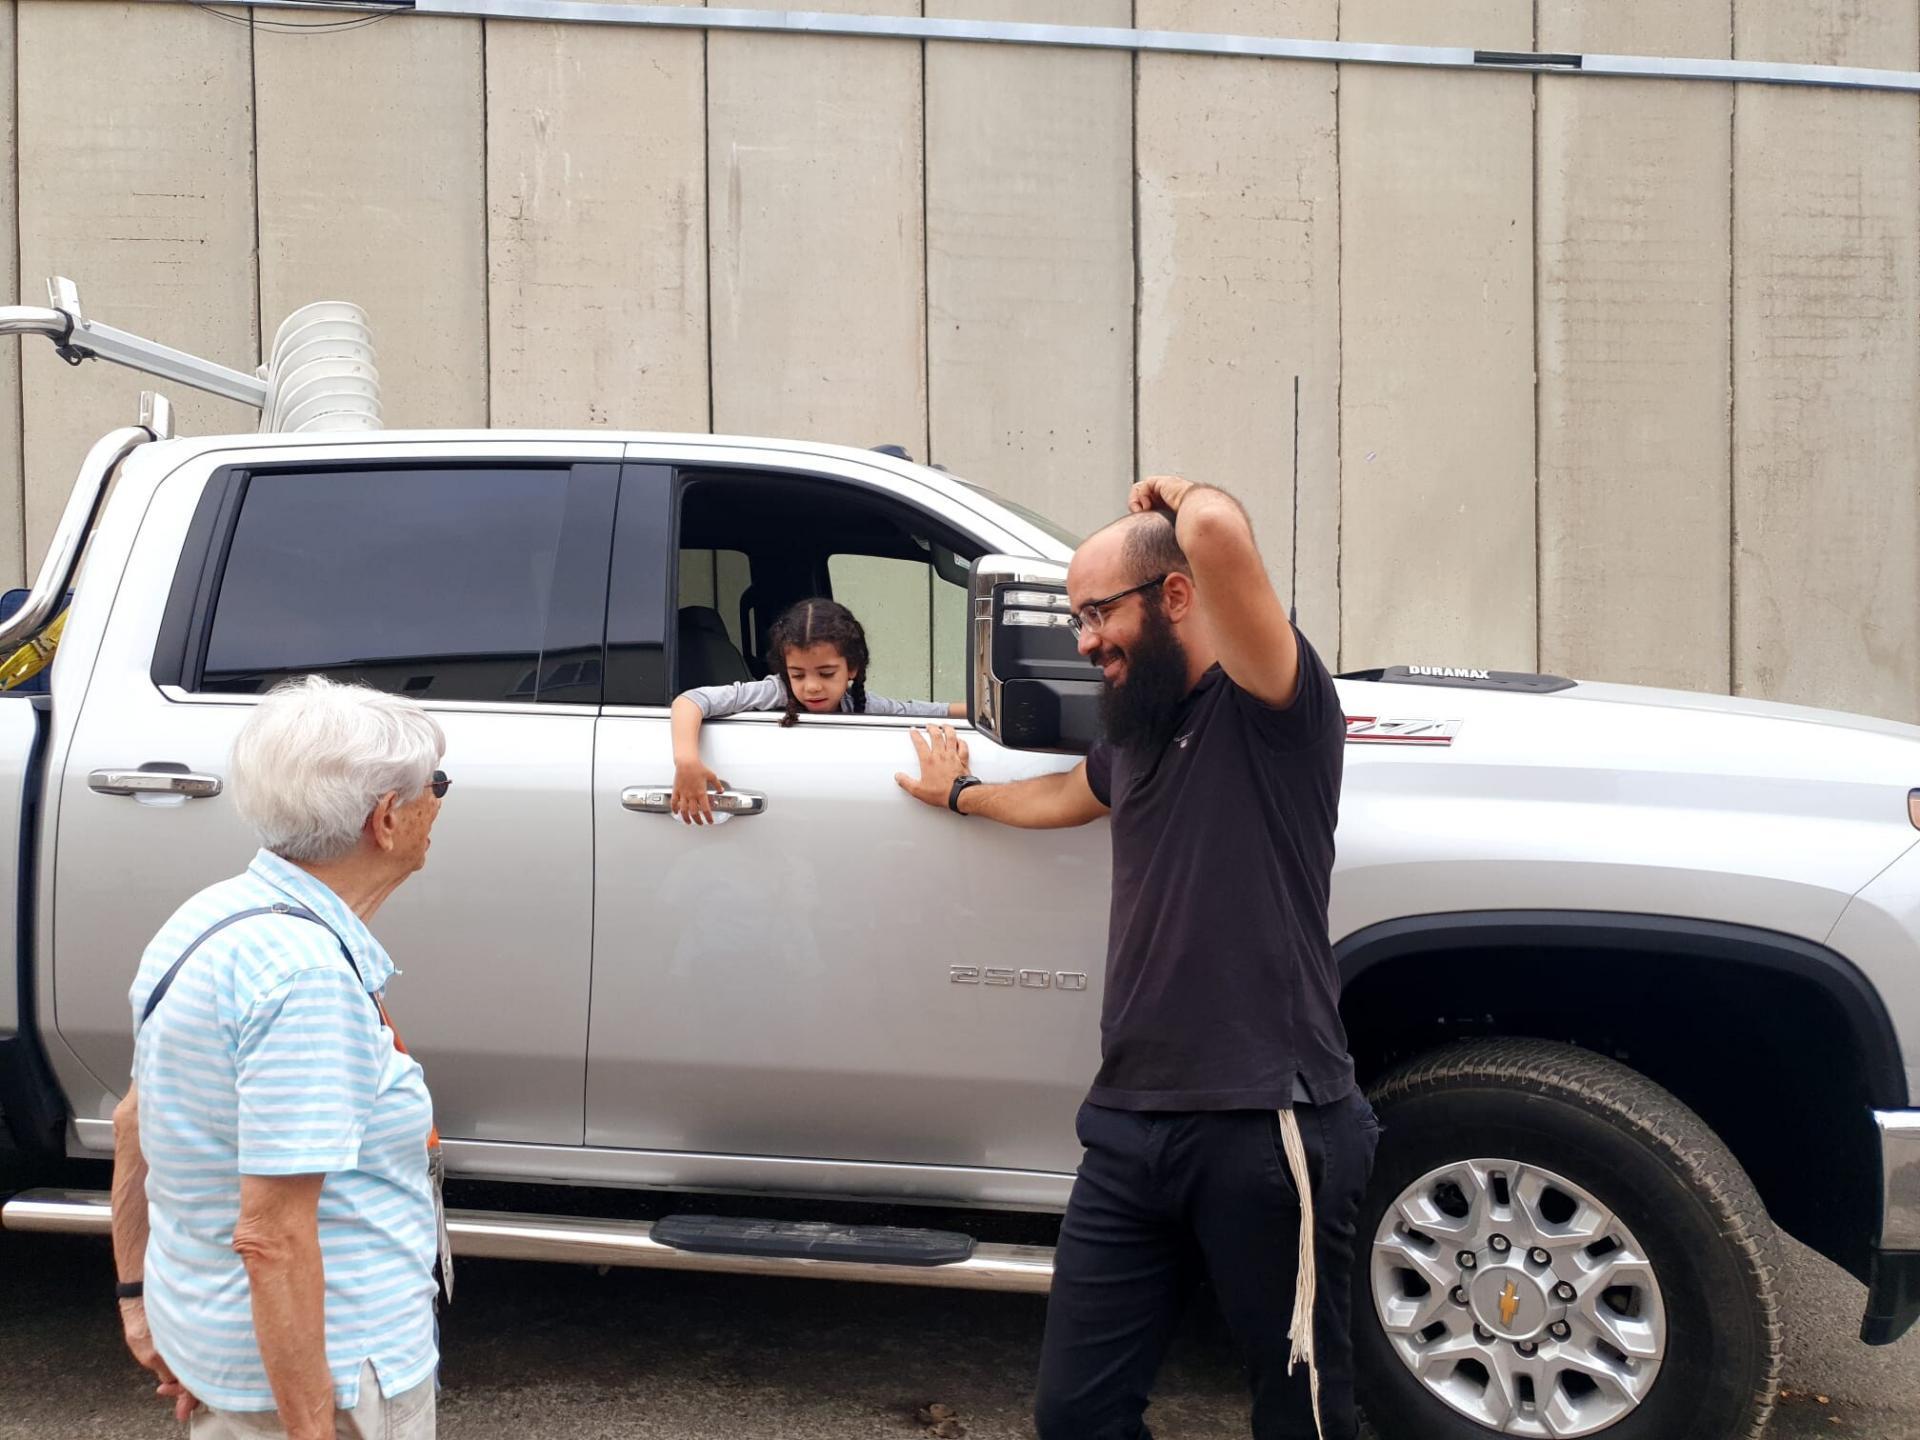 אישה משוחחת עם גבר ובתו היושבת במכונית